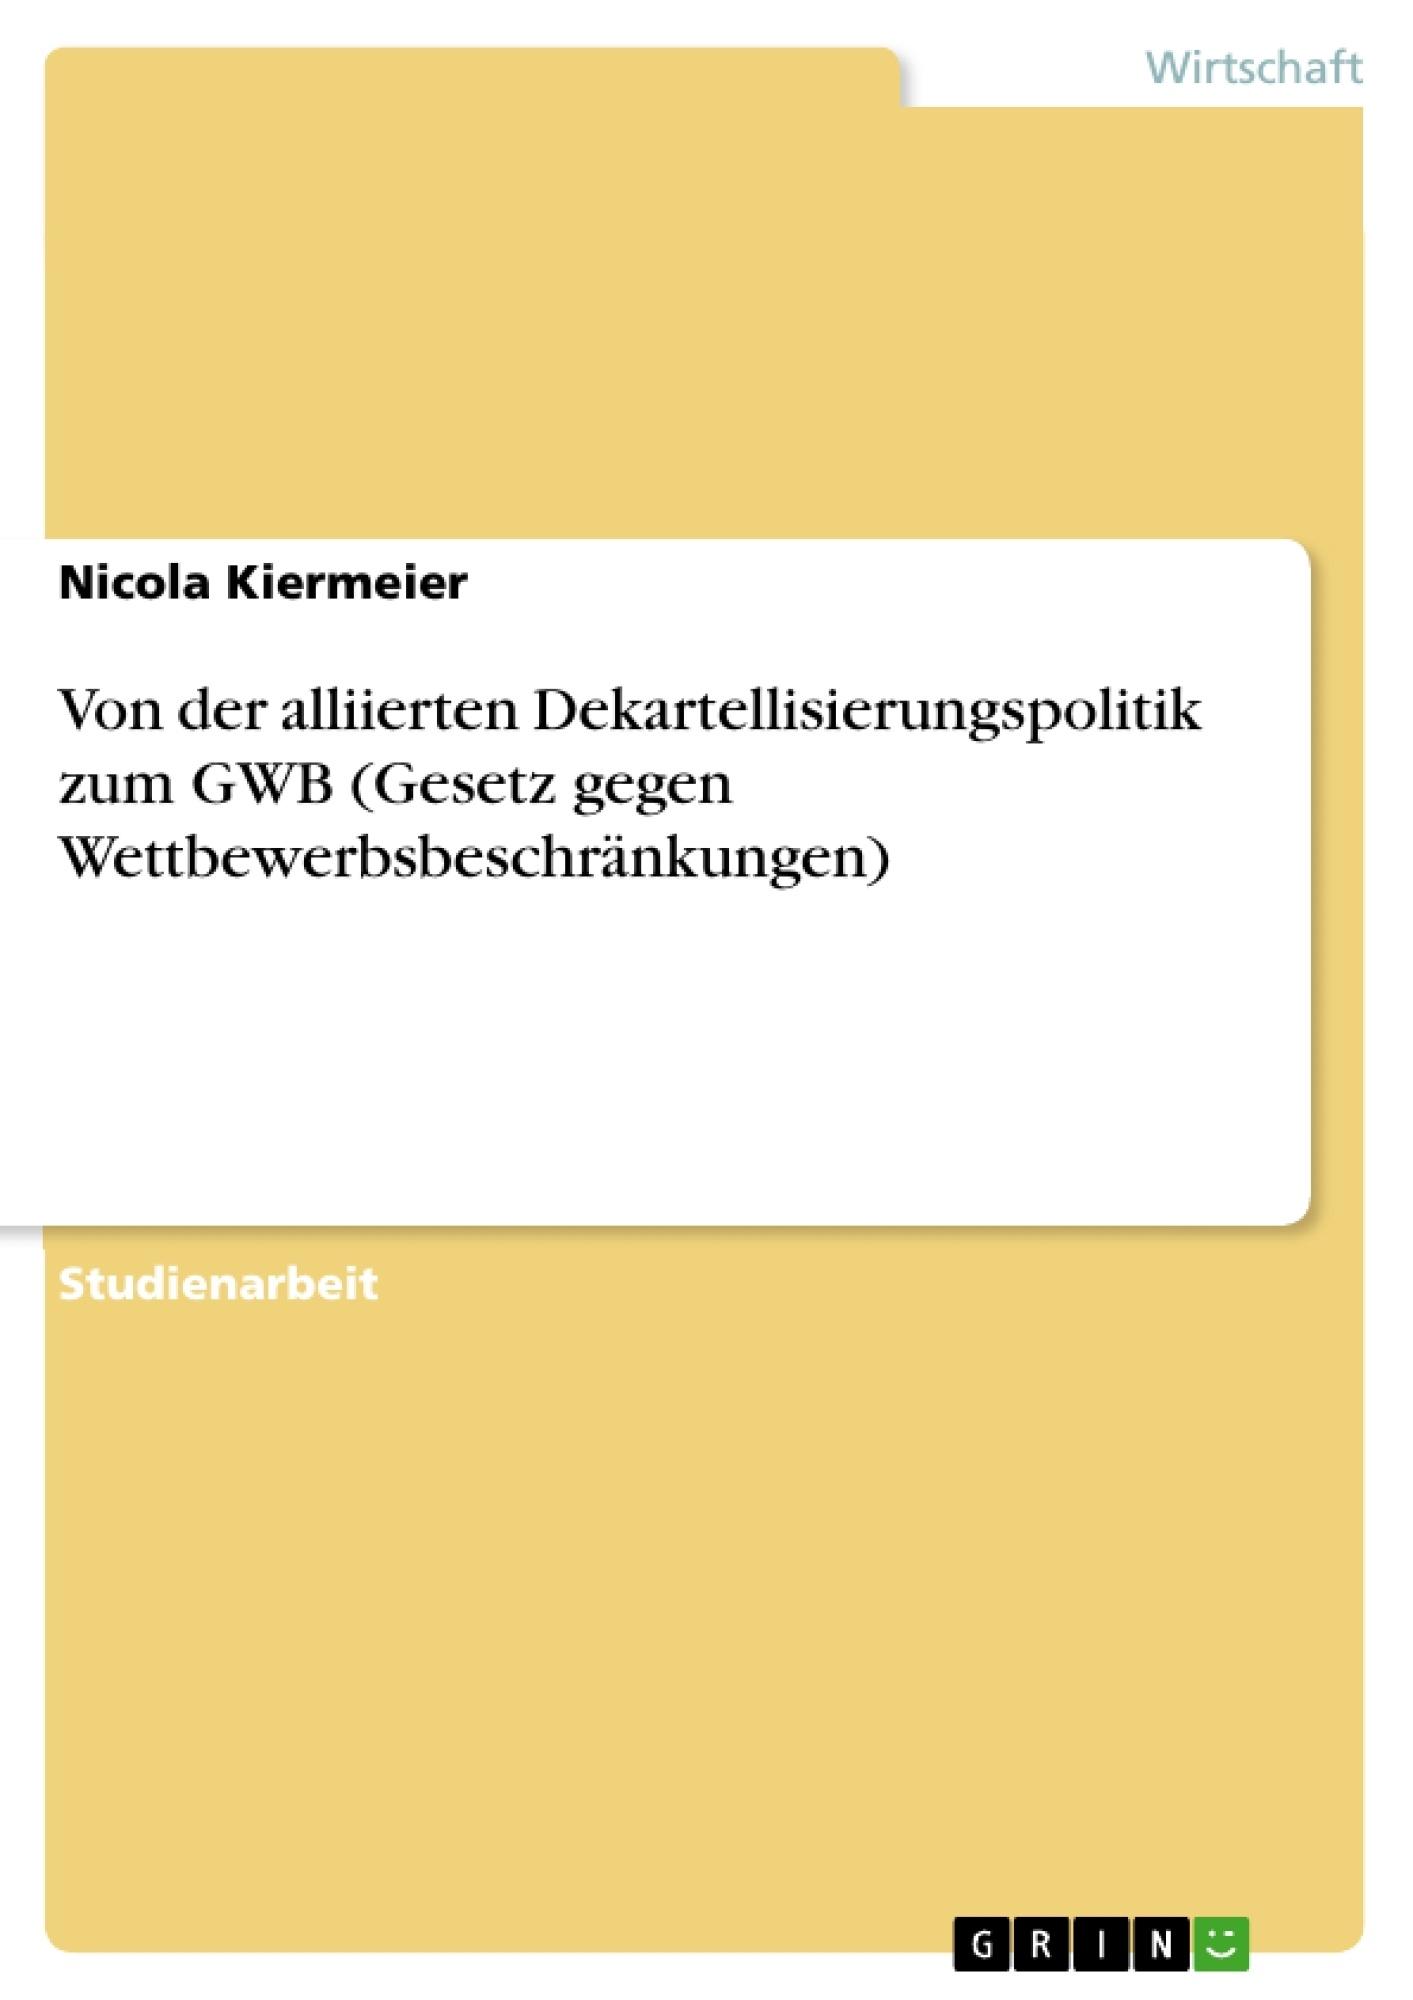 Titel: Von der alliierten Dekartellisierungspolitik zum GWB (Gesetz gegen Wettbewerbsbeschränkungen)